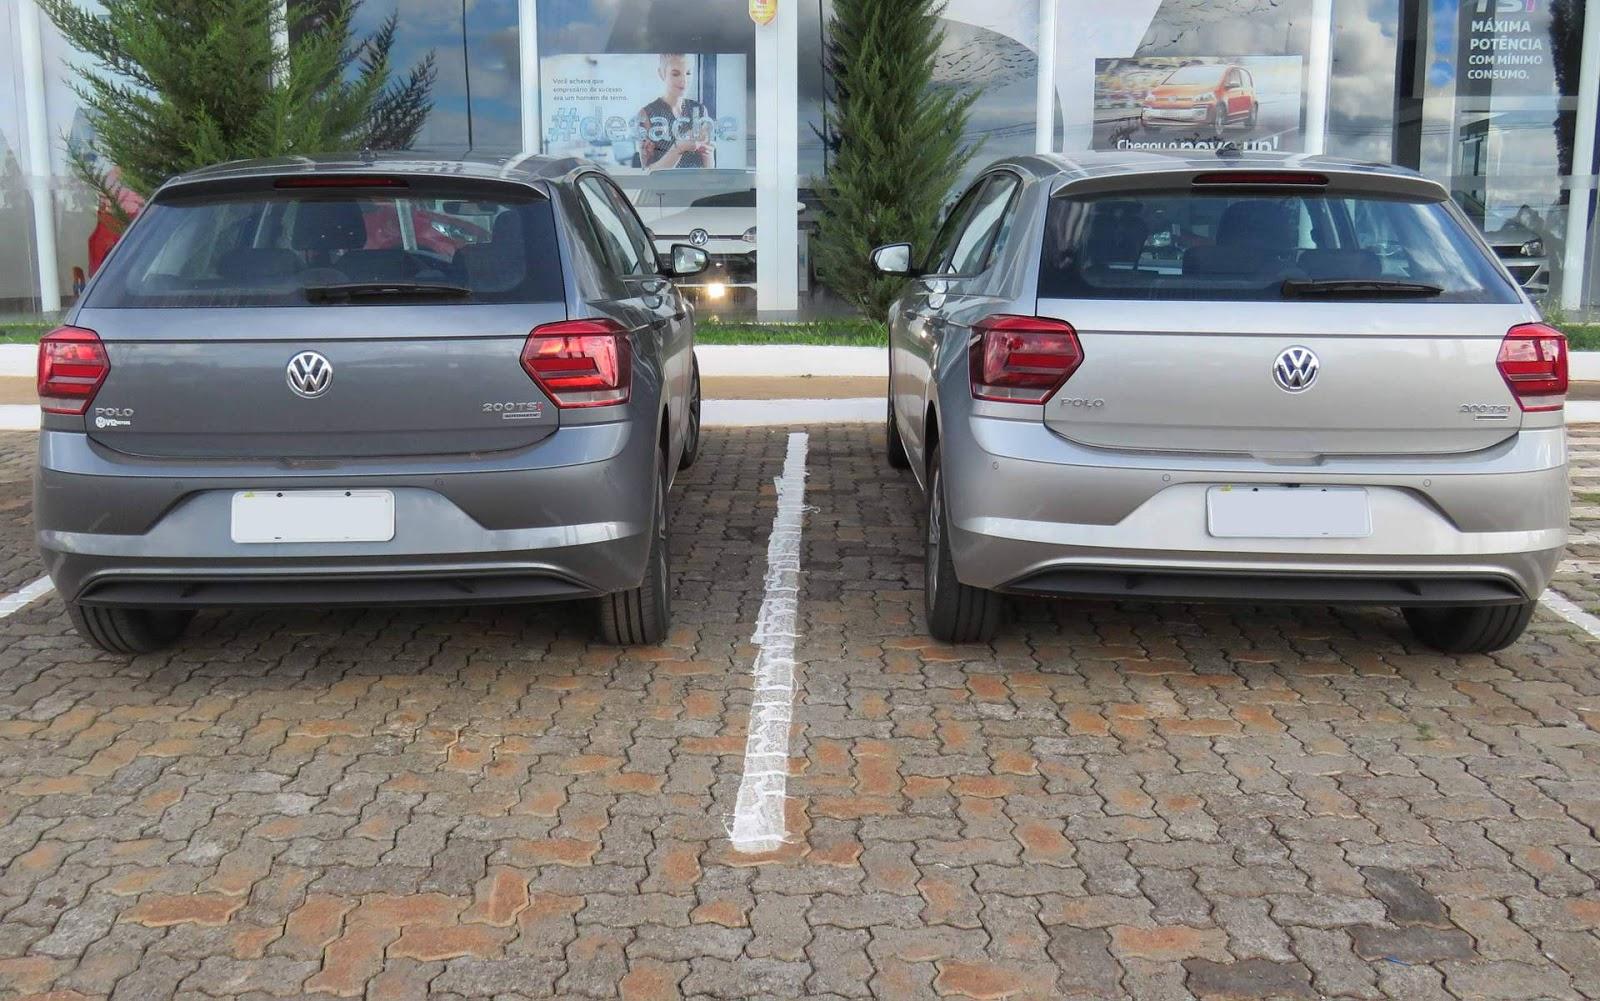 29f277b4c2 VW Polo 200 TSI eleito melhor carro acima de R  61 mil